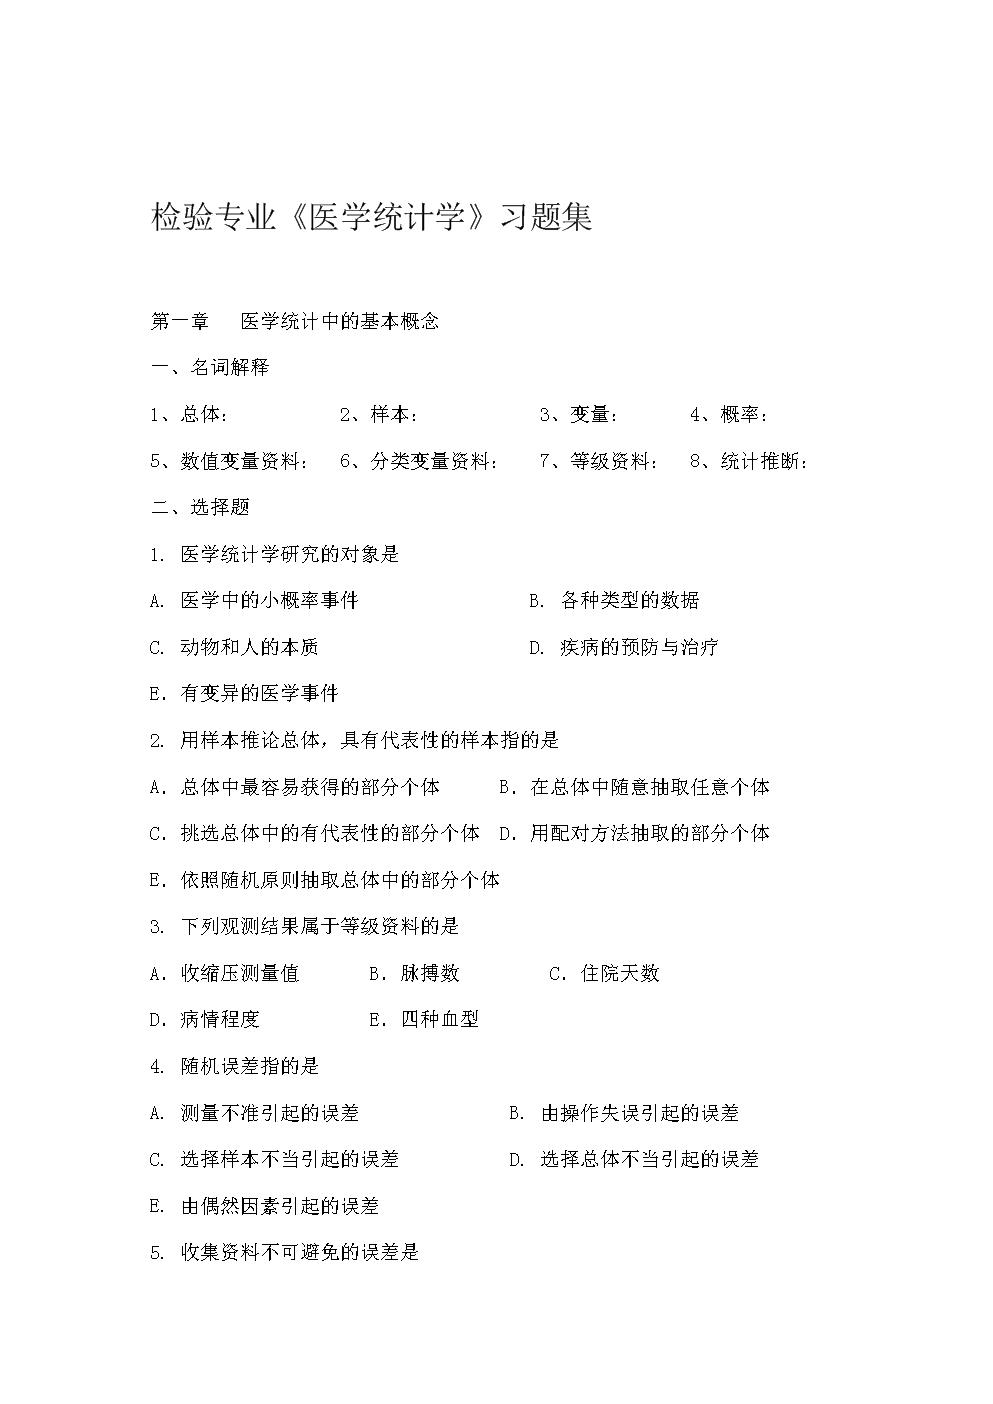 检验专业医学统计学习题集教学文案.doc